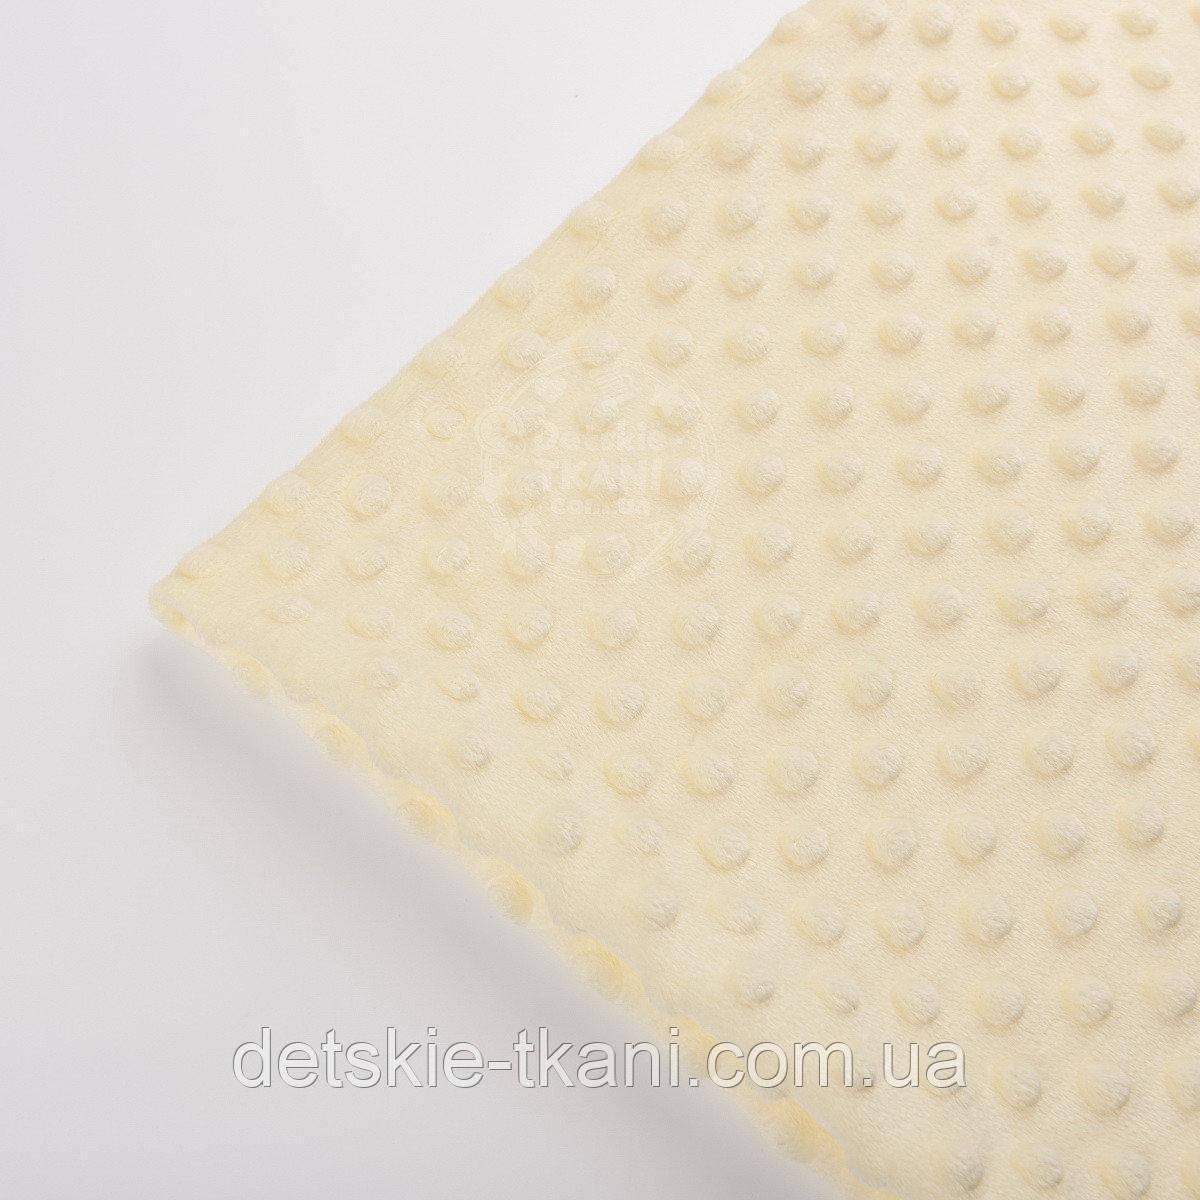 Два  лоскута плюша minky М-8 кремового цвета, размер 20*140, 30*25 см